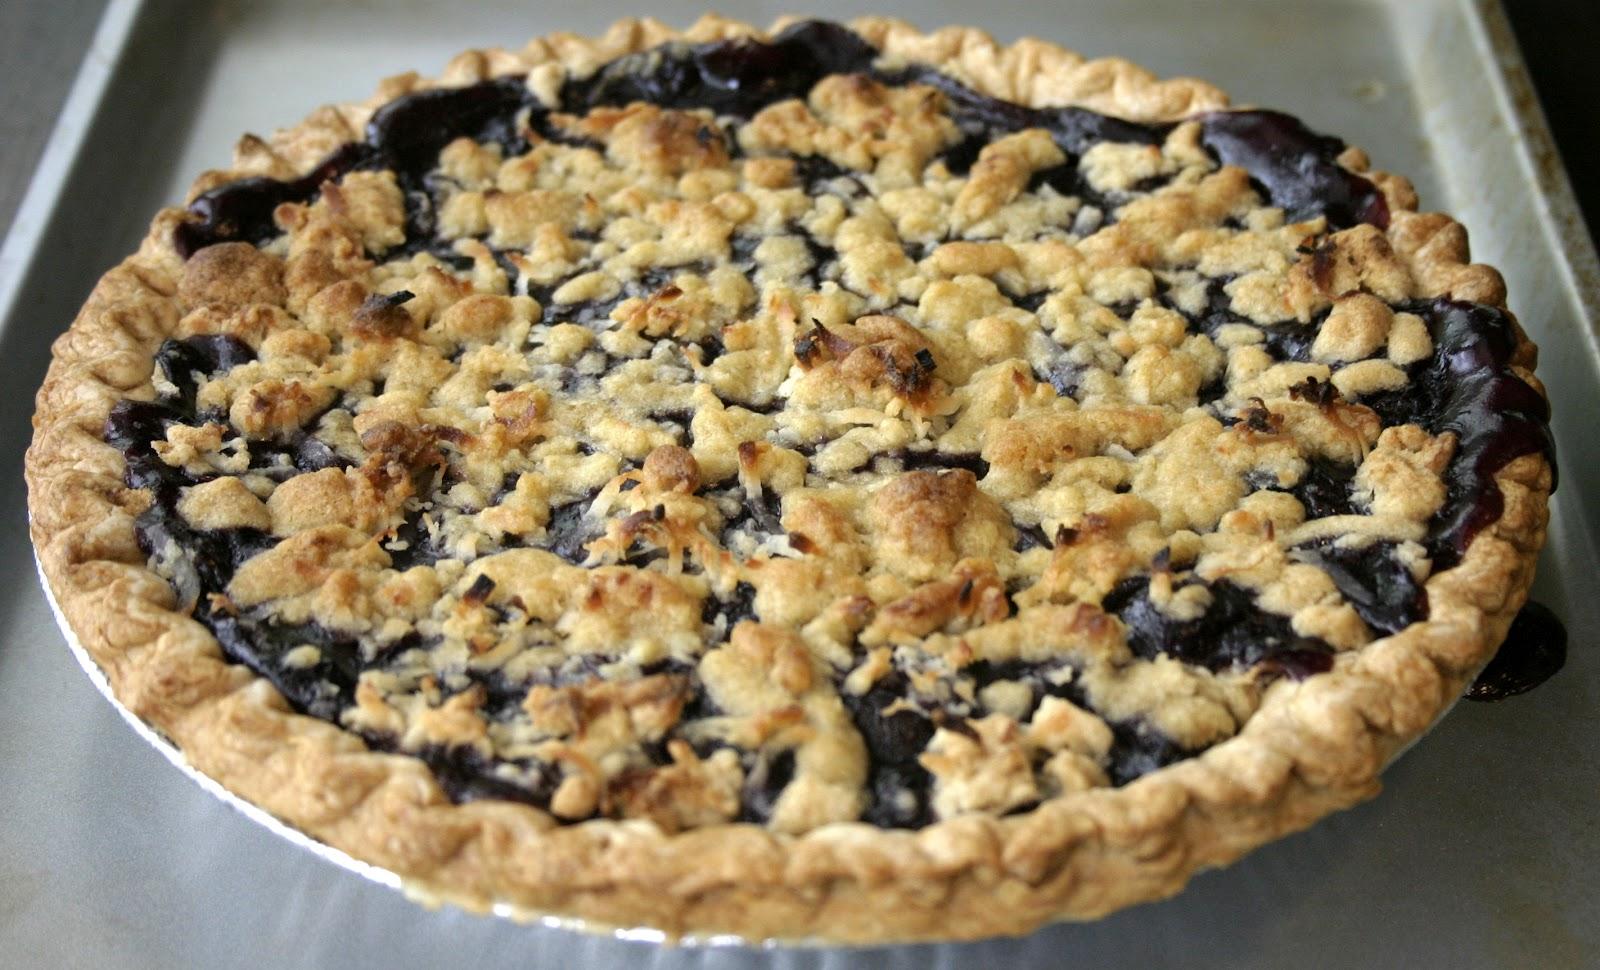 Deelicious Sweets: Blueberry Cherry Crumb Pie